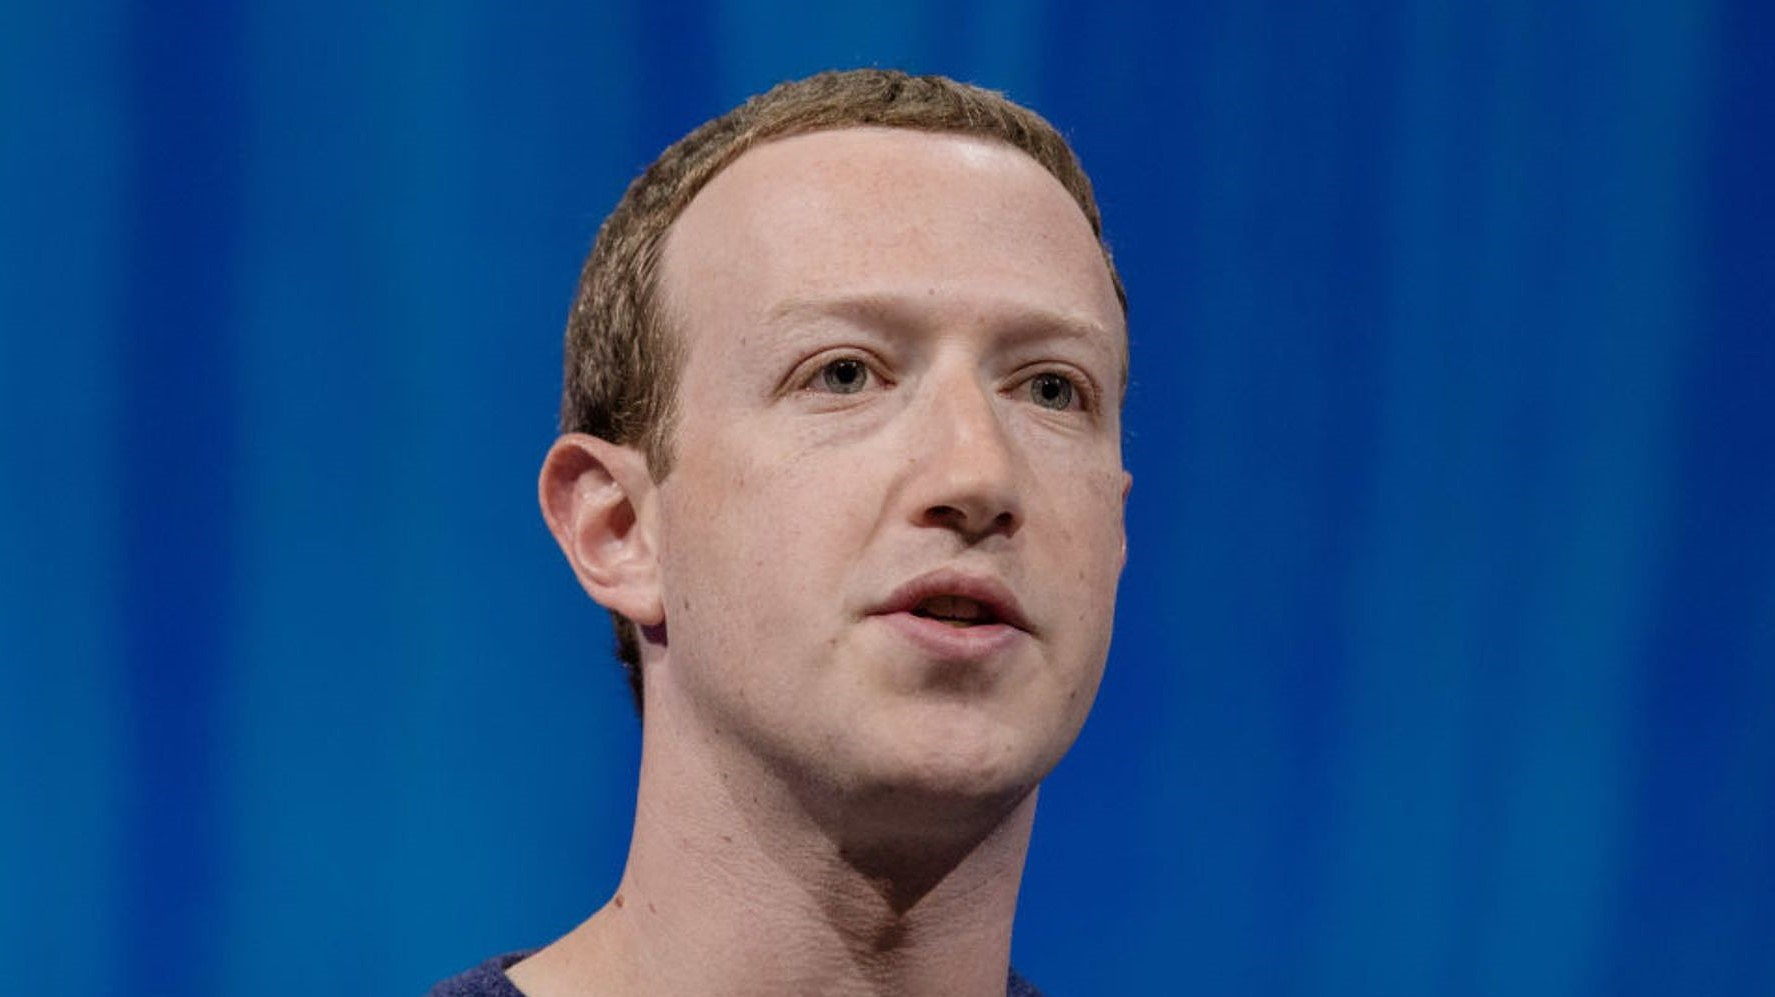 Điều gì đã xảy ra với Facebook và bạn cần làm gì để bảo vệ tài khoản? Ảnh 2